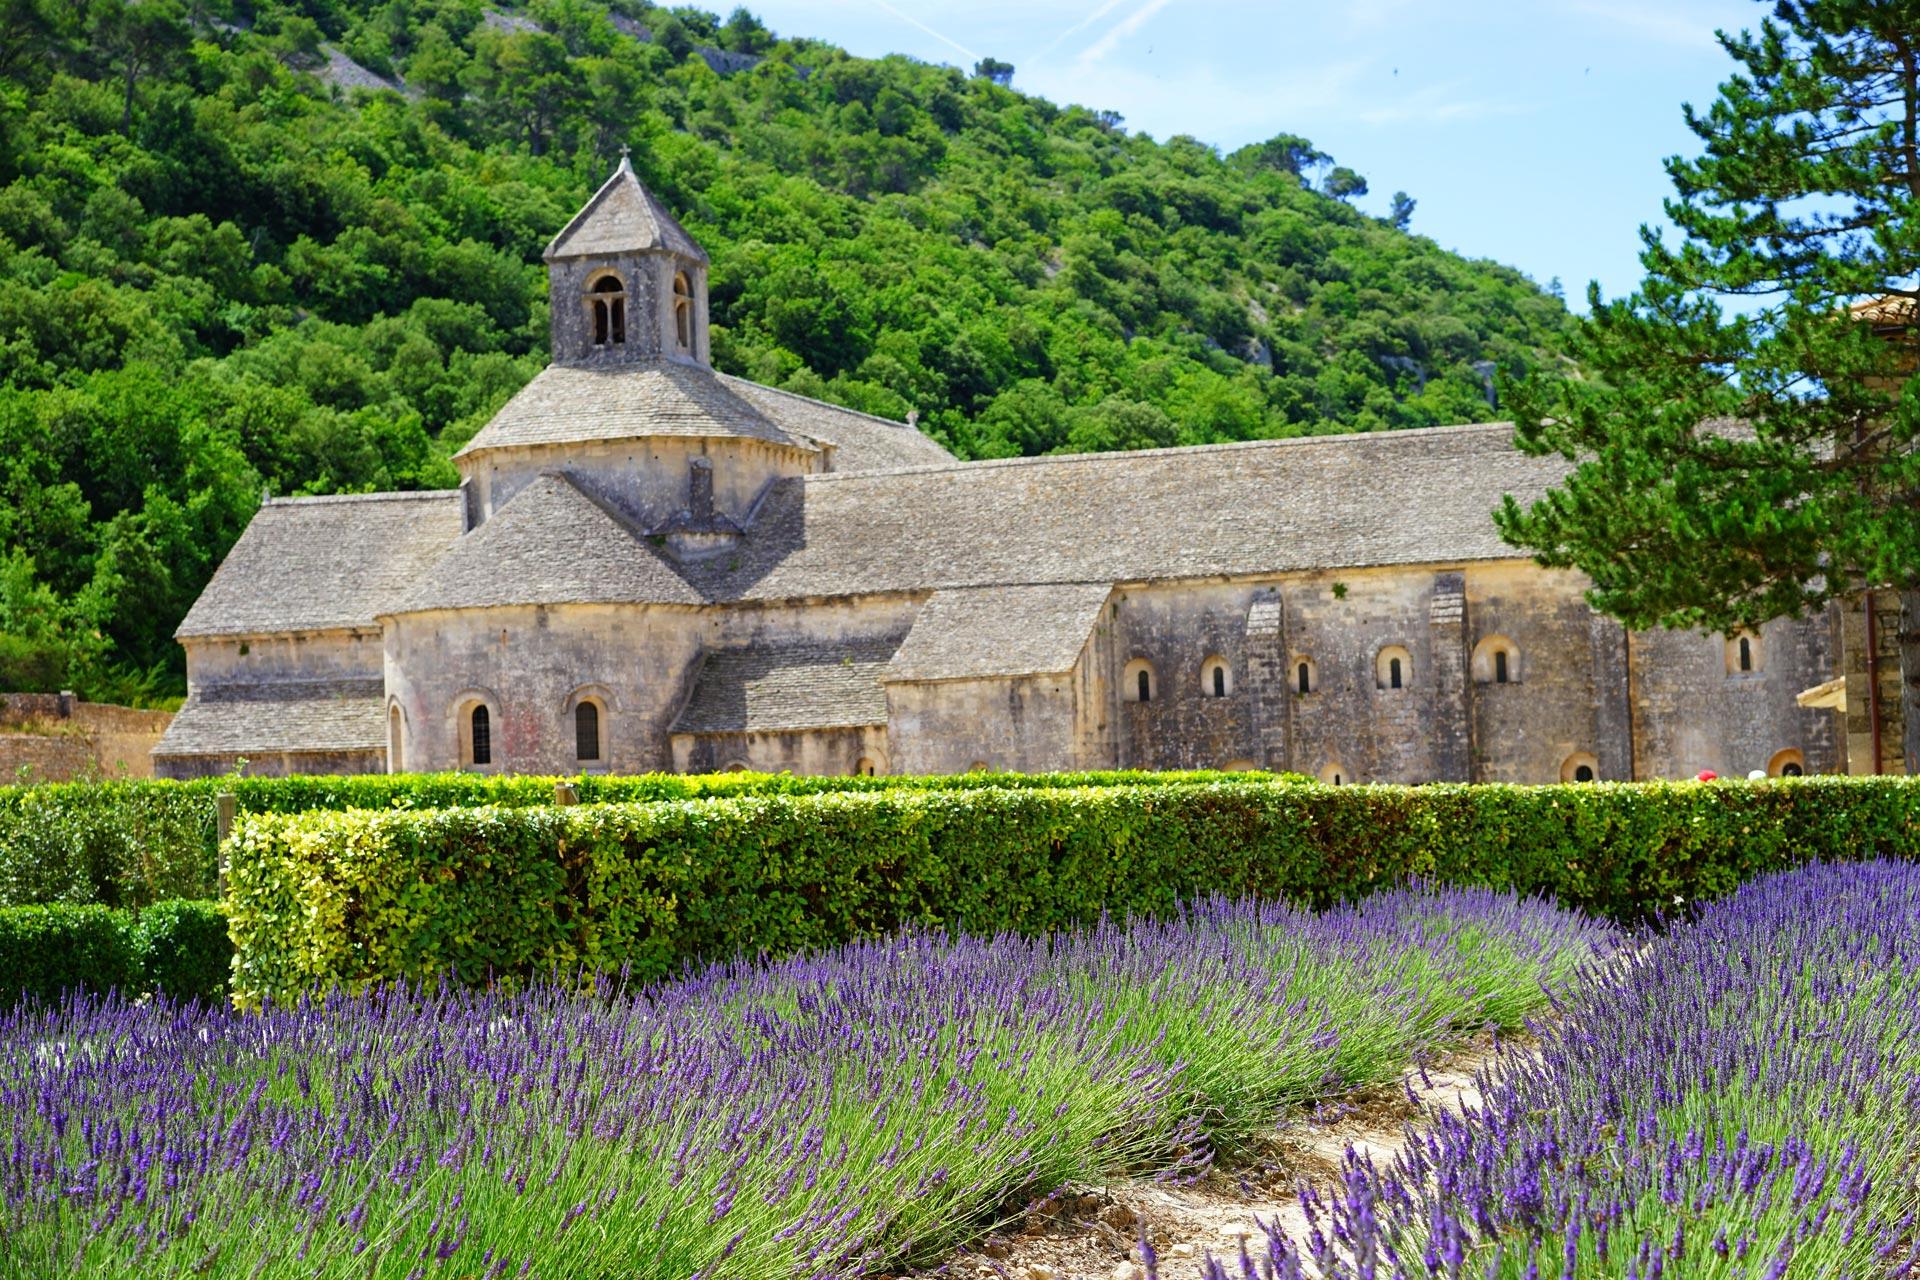 Abbaye de Senanque - Lavendelfelder